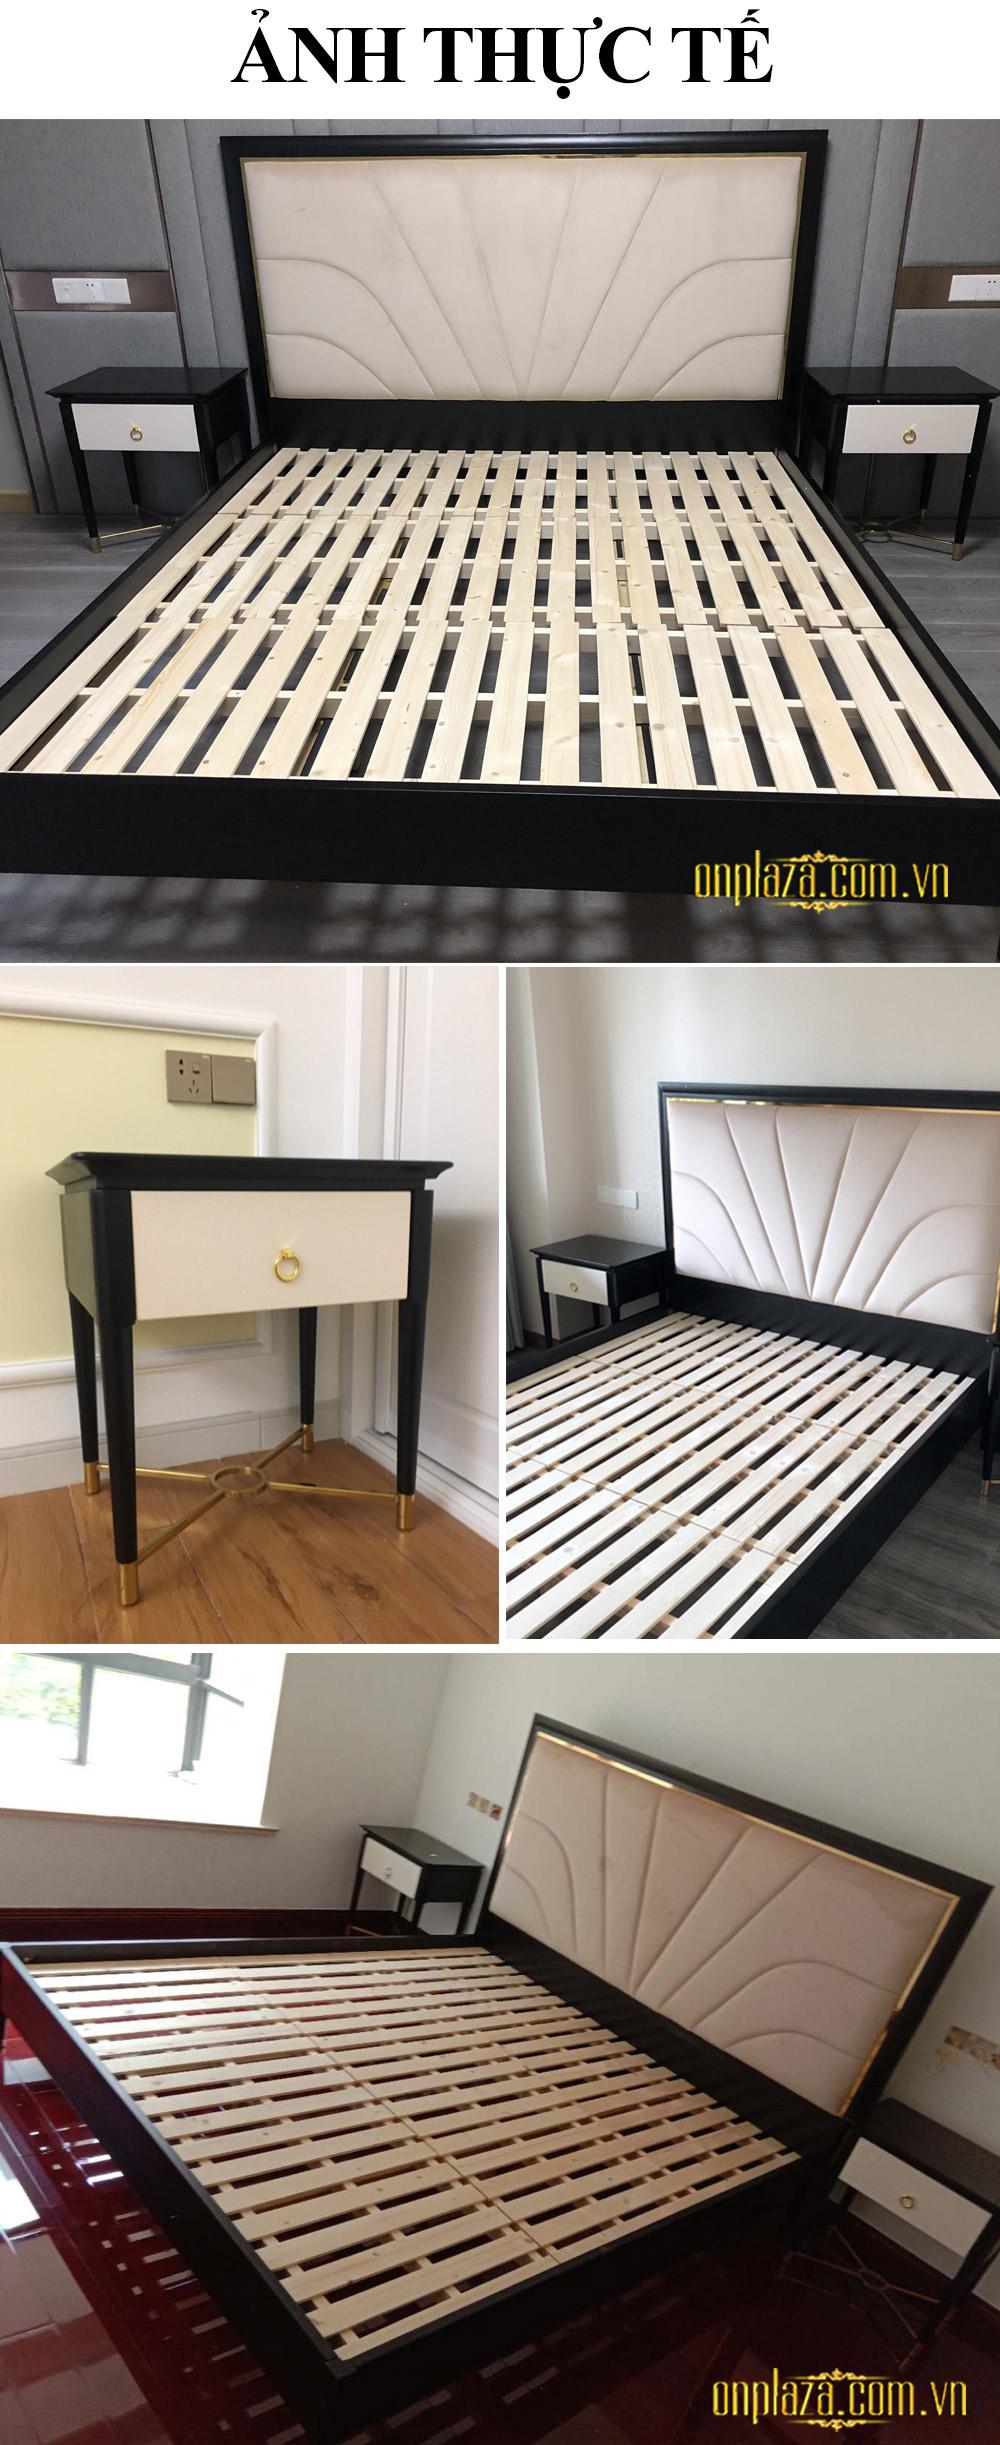 Bộ giường gỗ tự nhiên phối nhung sang trọng phong cách Mỹ hiện đại G159